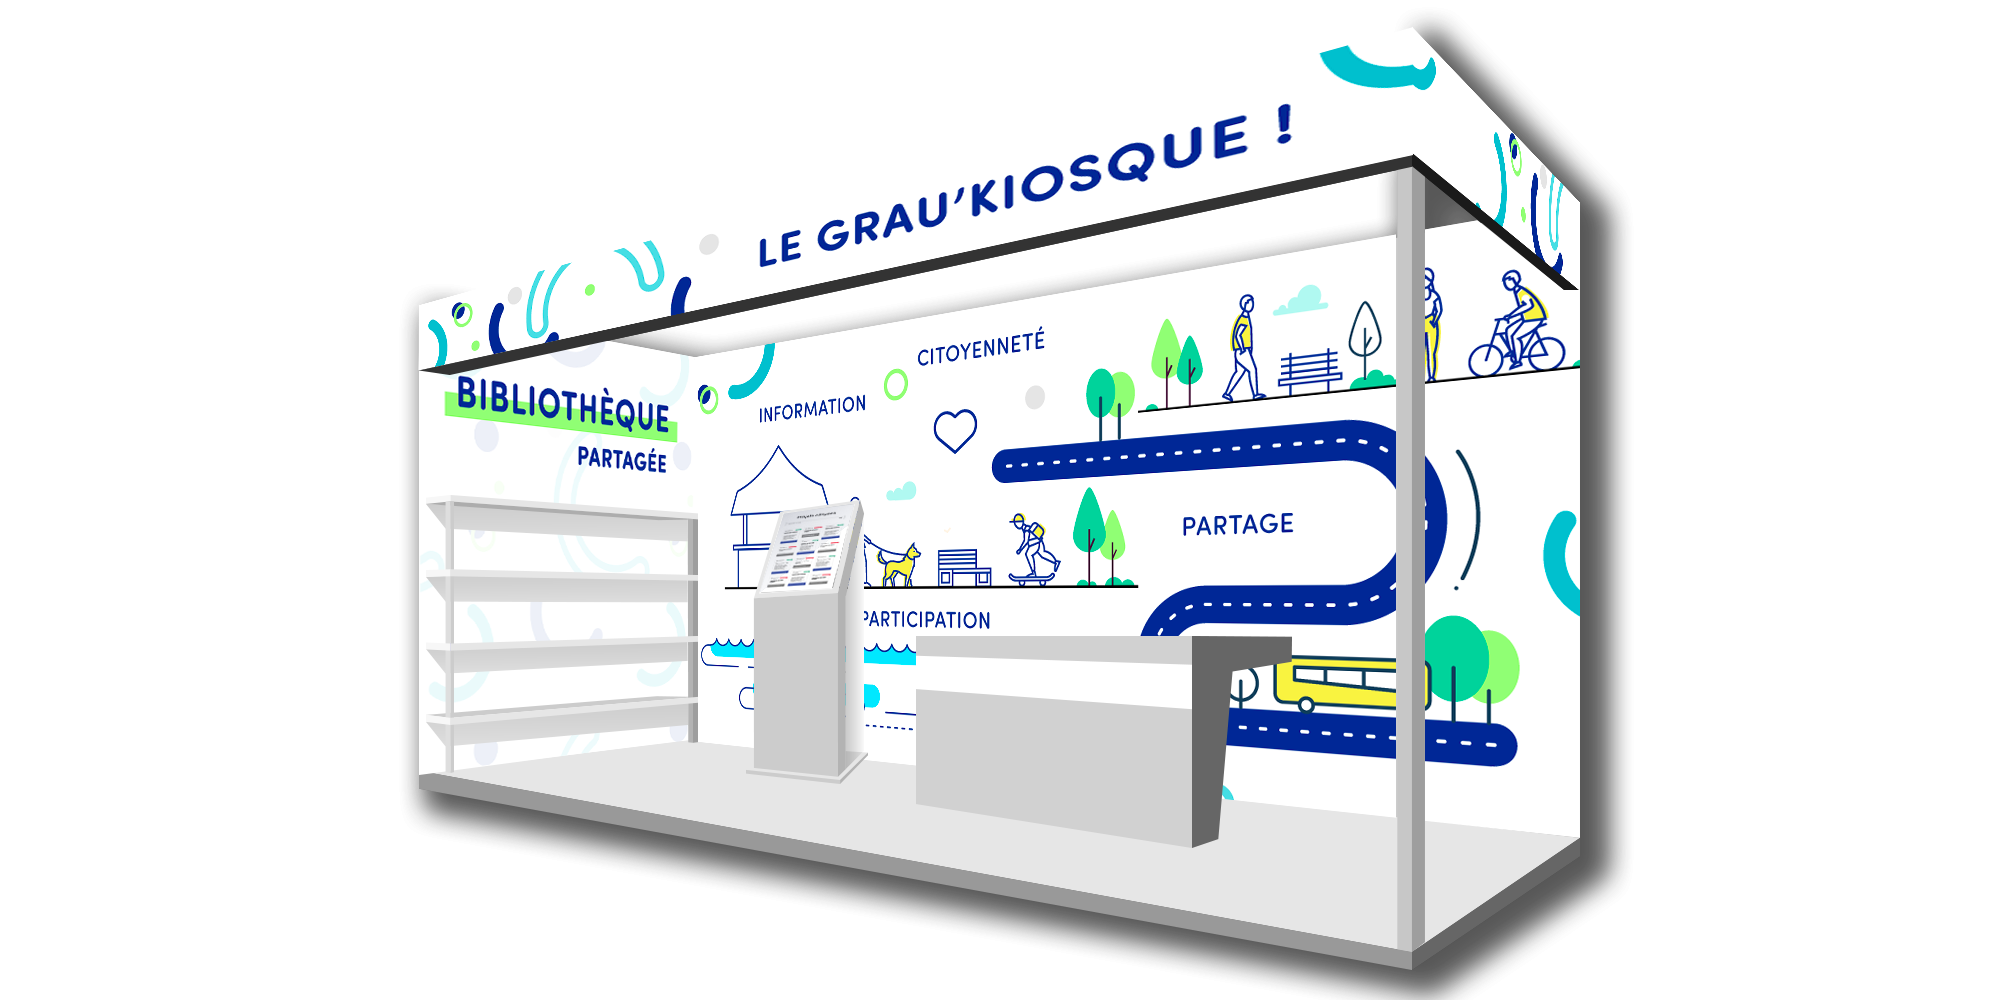 Grau-Kiosque-V3